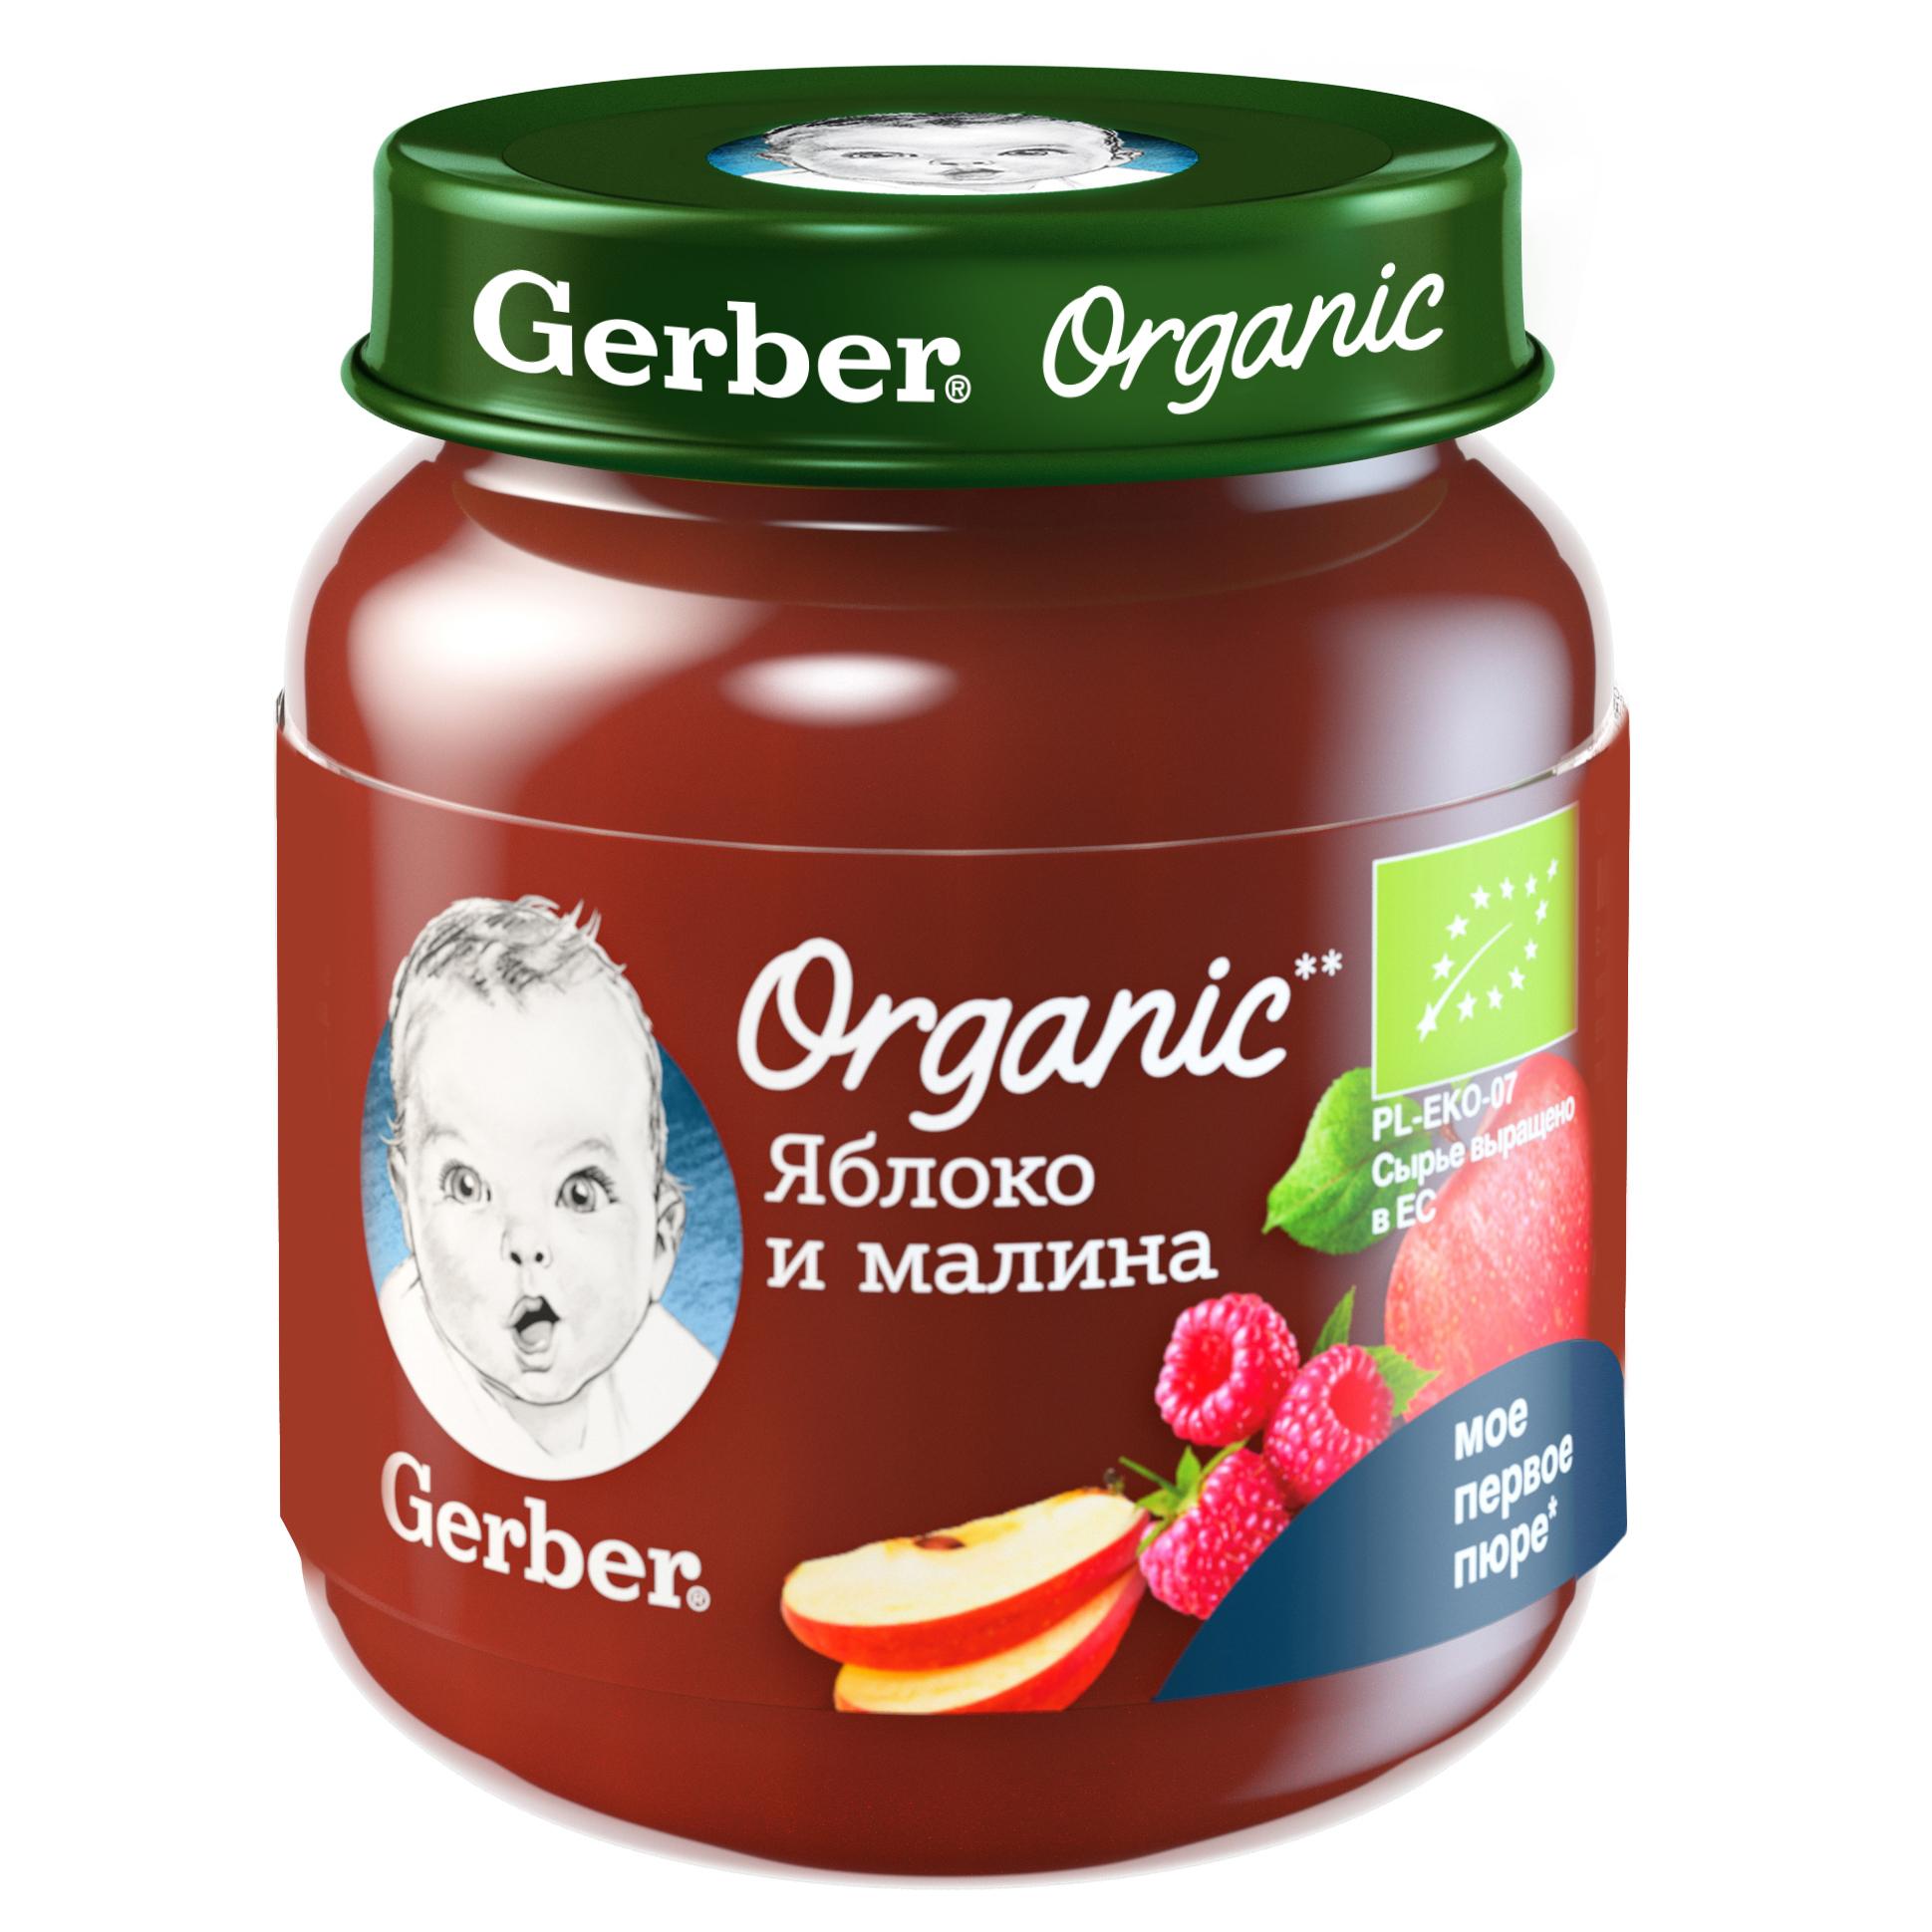 Gerber Organic Яблоко и малина с 5мес 125г фруктовое органическое пюре (Гербер)